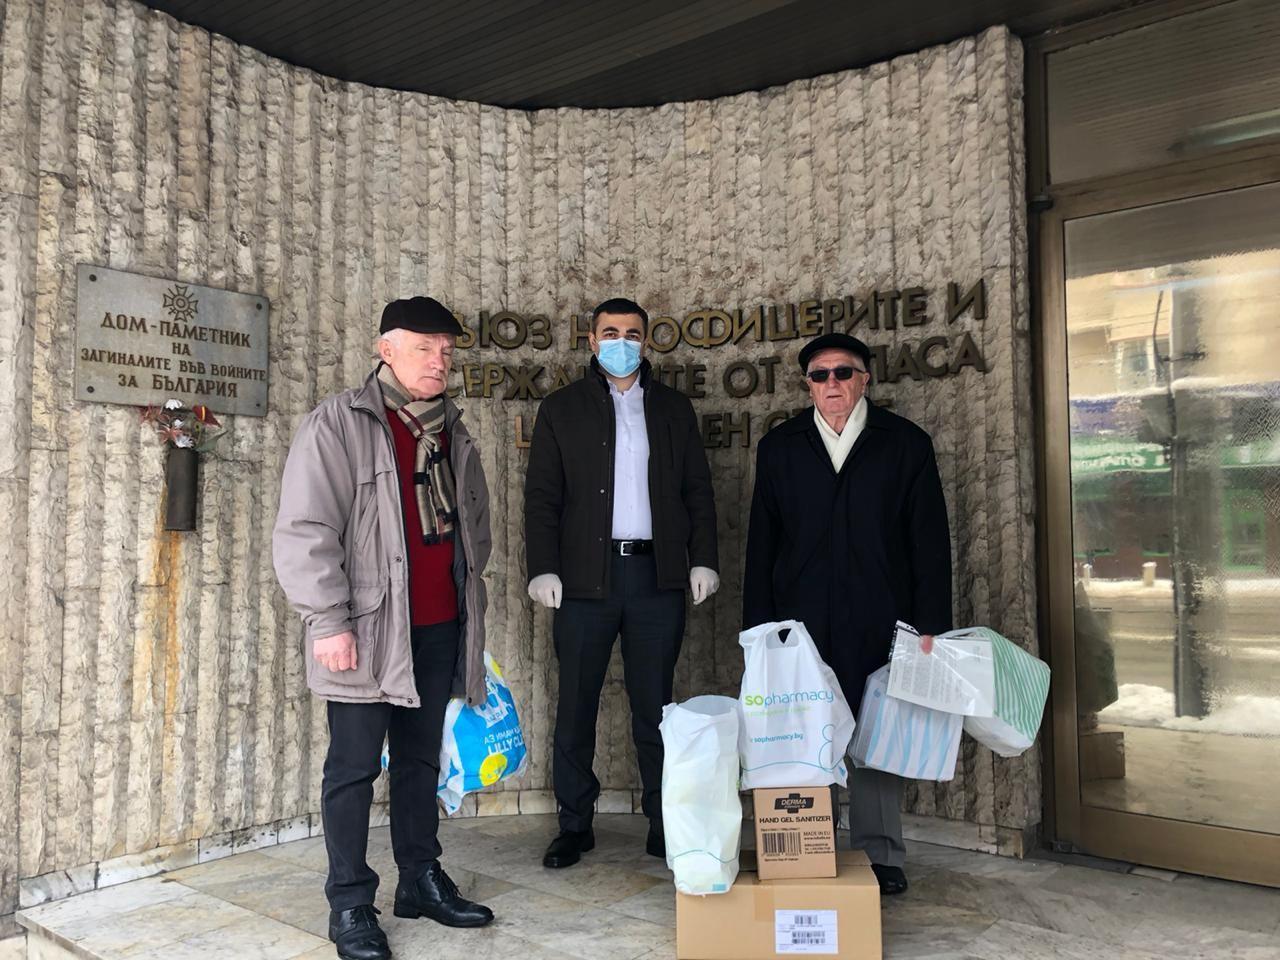 В Болгарии провели благотворительную акцию в дань памяти жертв Геноцида азербайджанцев 1918 года